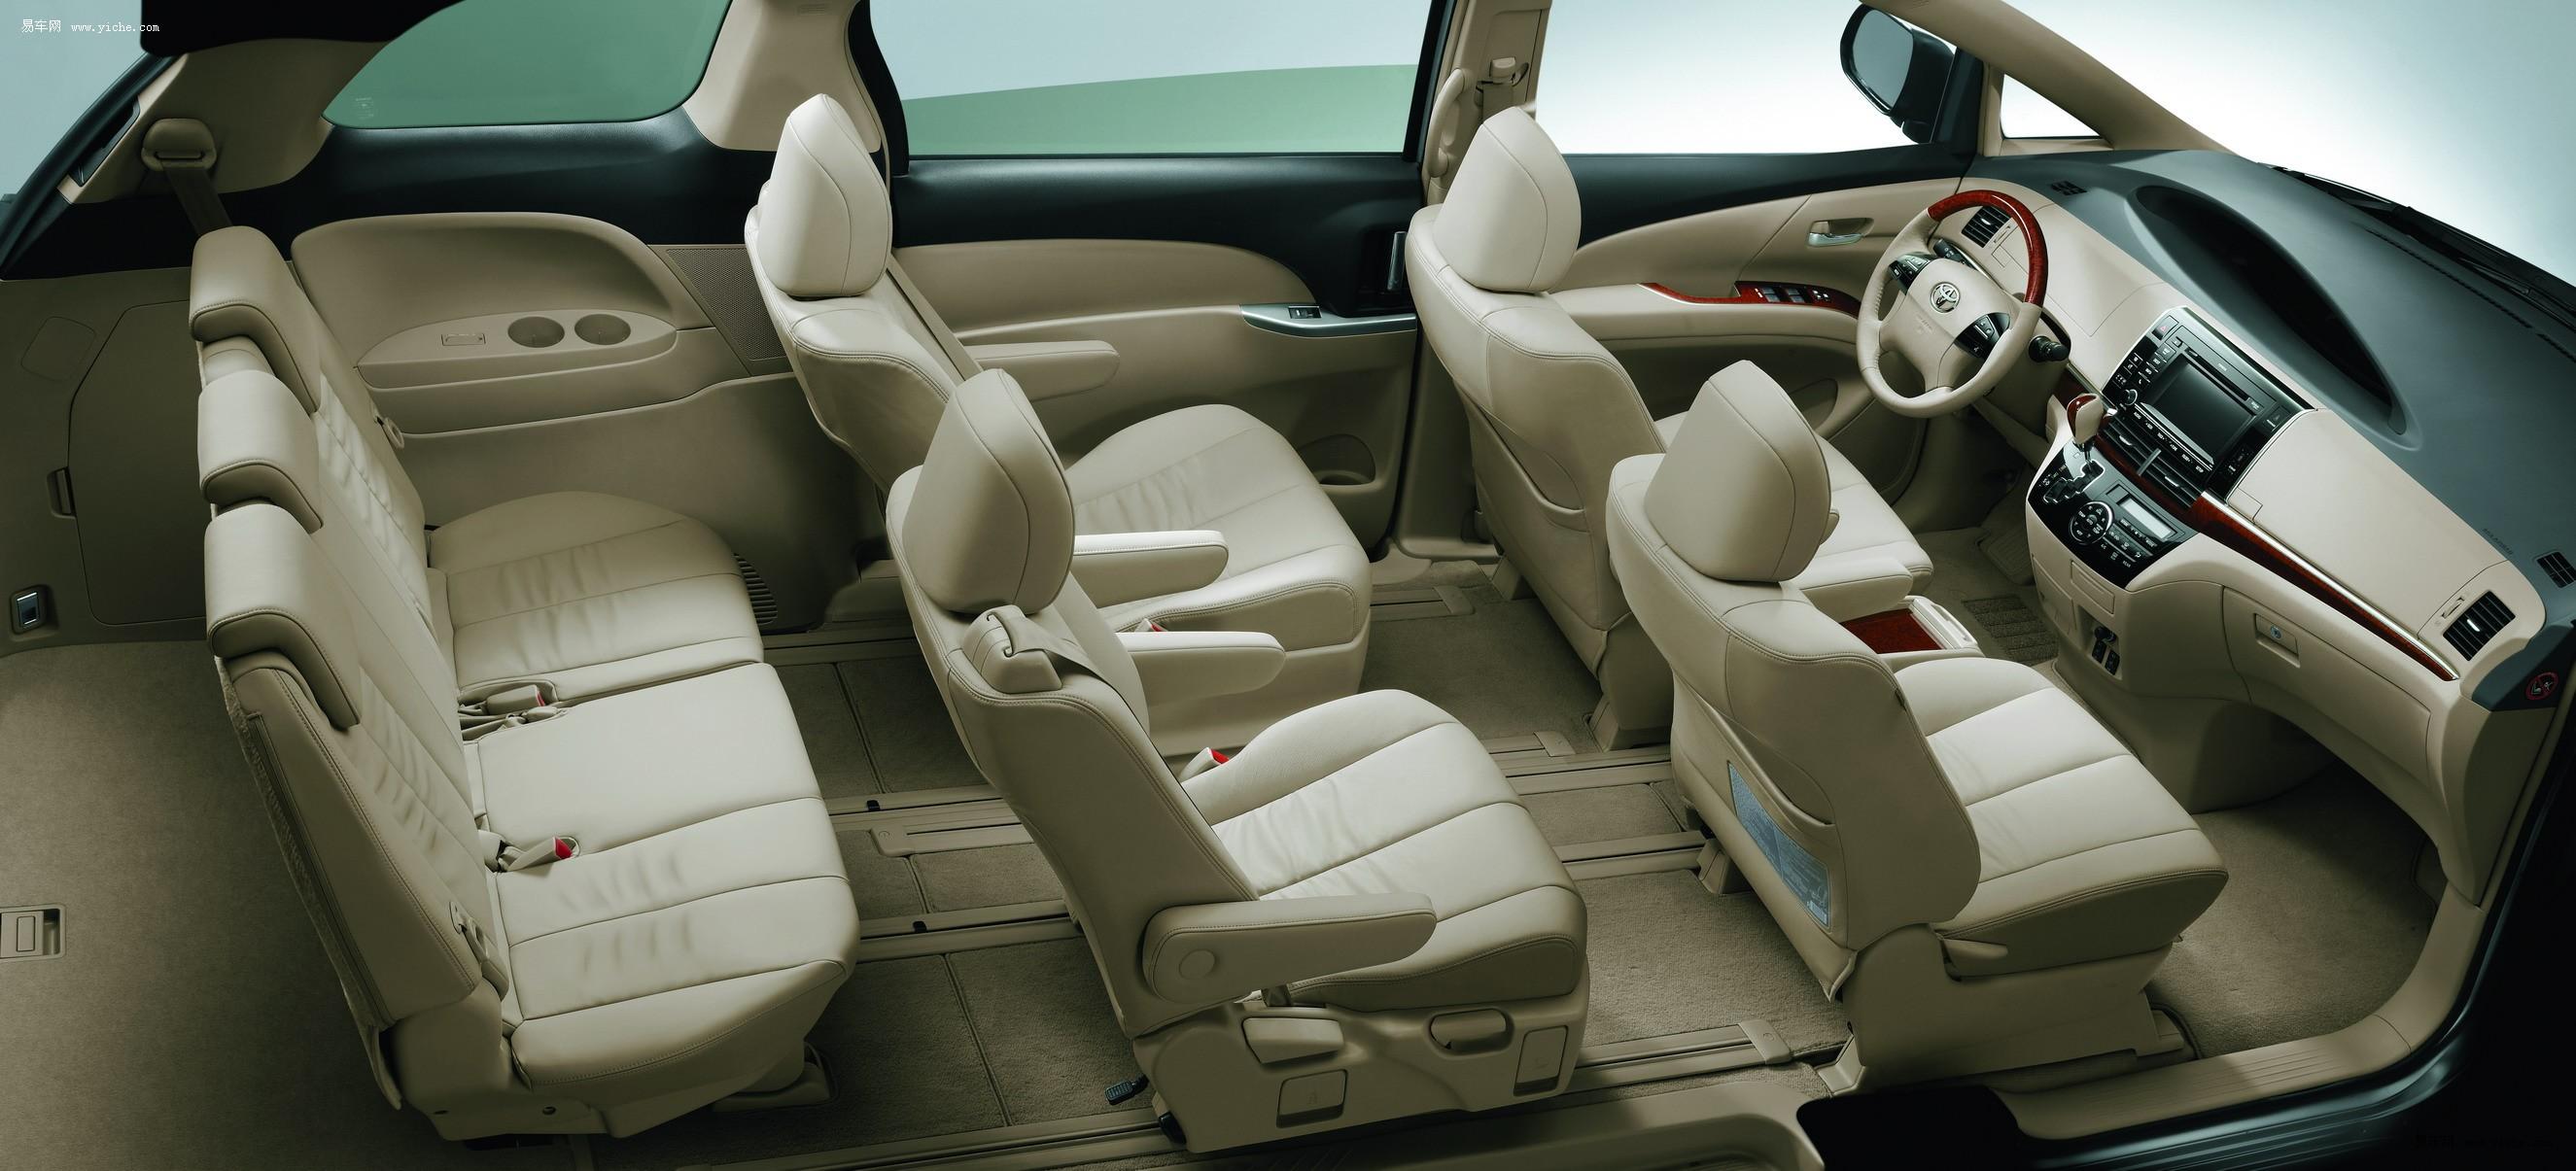 新款丰田普瑞维亚上市 售46.98万至61万元